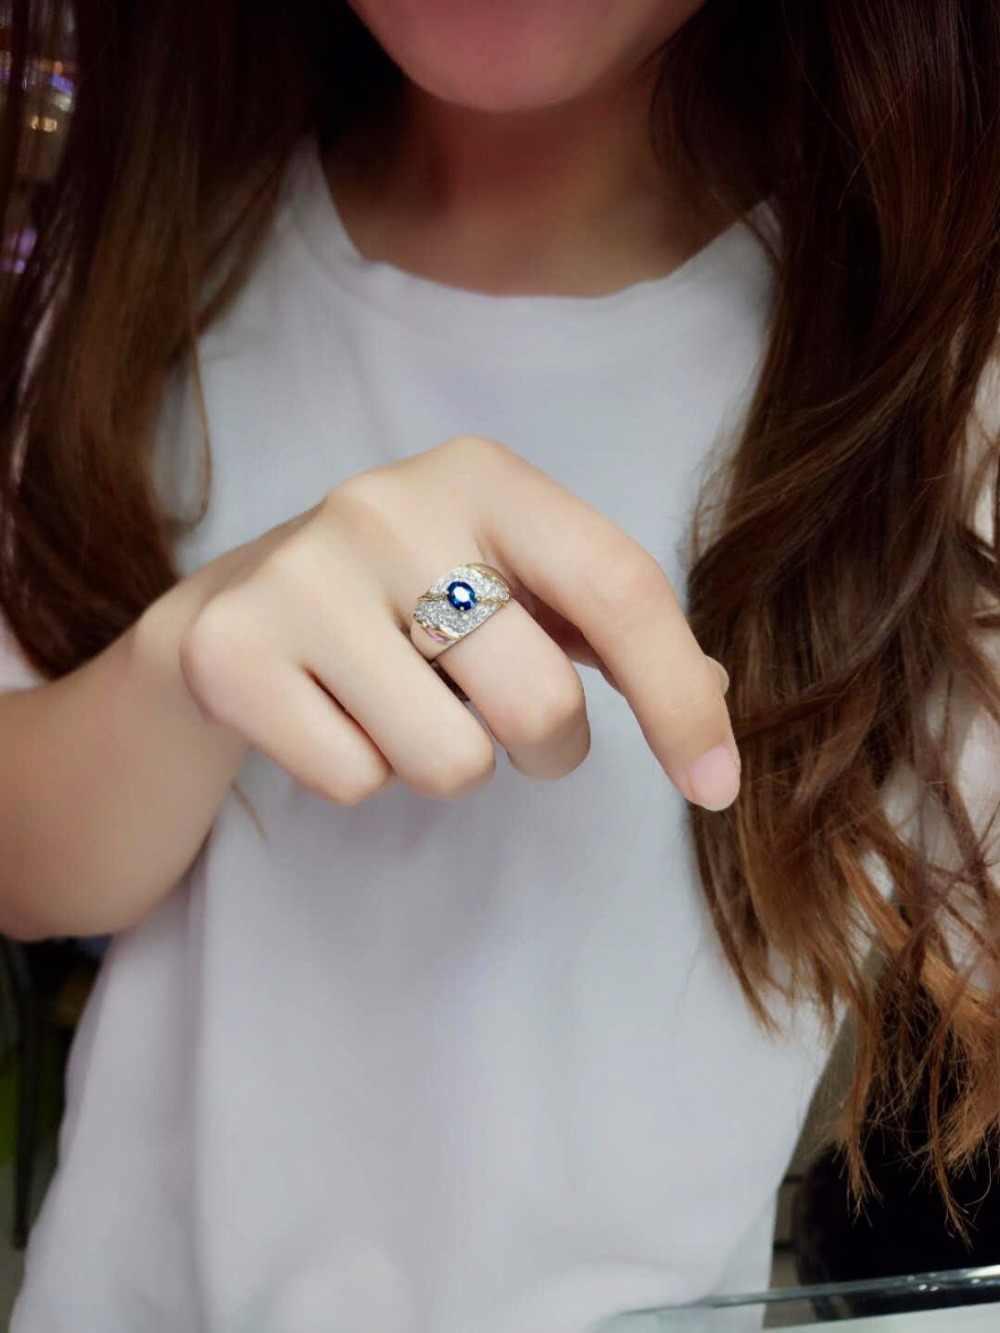 เครื่องประดับแพลทินัมจริง Pt900 ธรรมชาติ 100% 0.84ct สีฟ้าพลอยไพลินเพชรหินชายแหวนสำหรับแหวนผู้ชาย